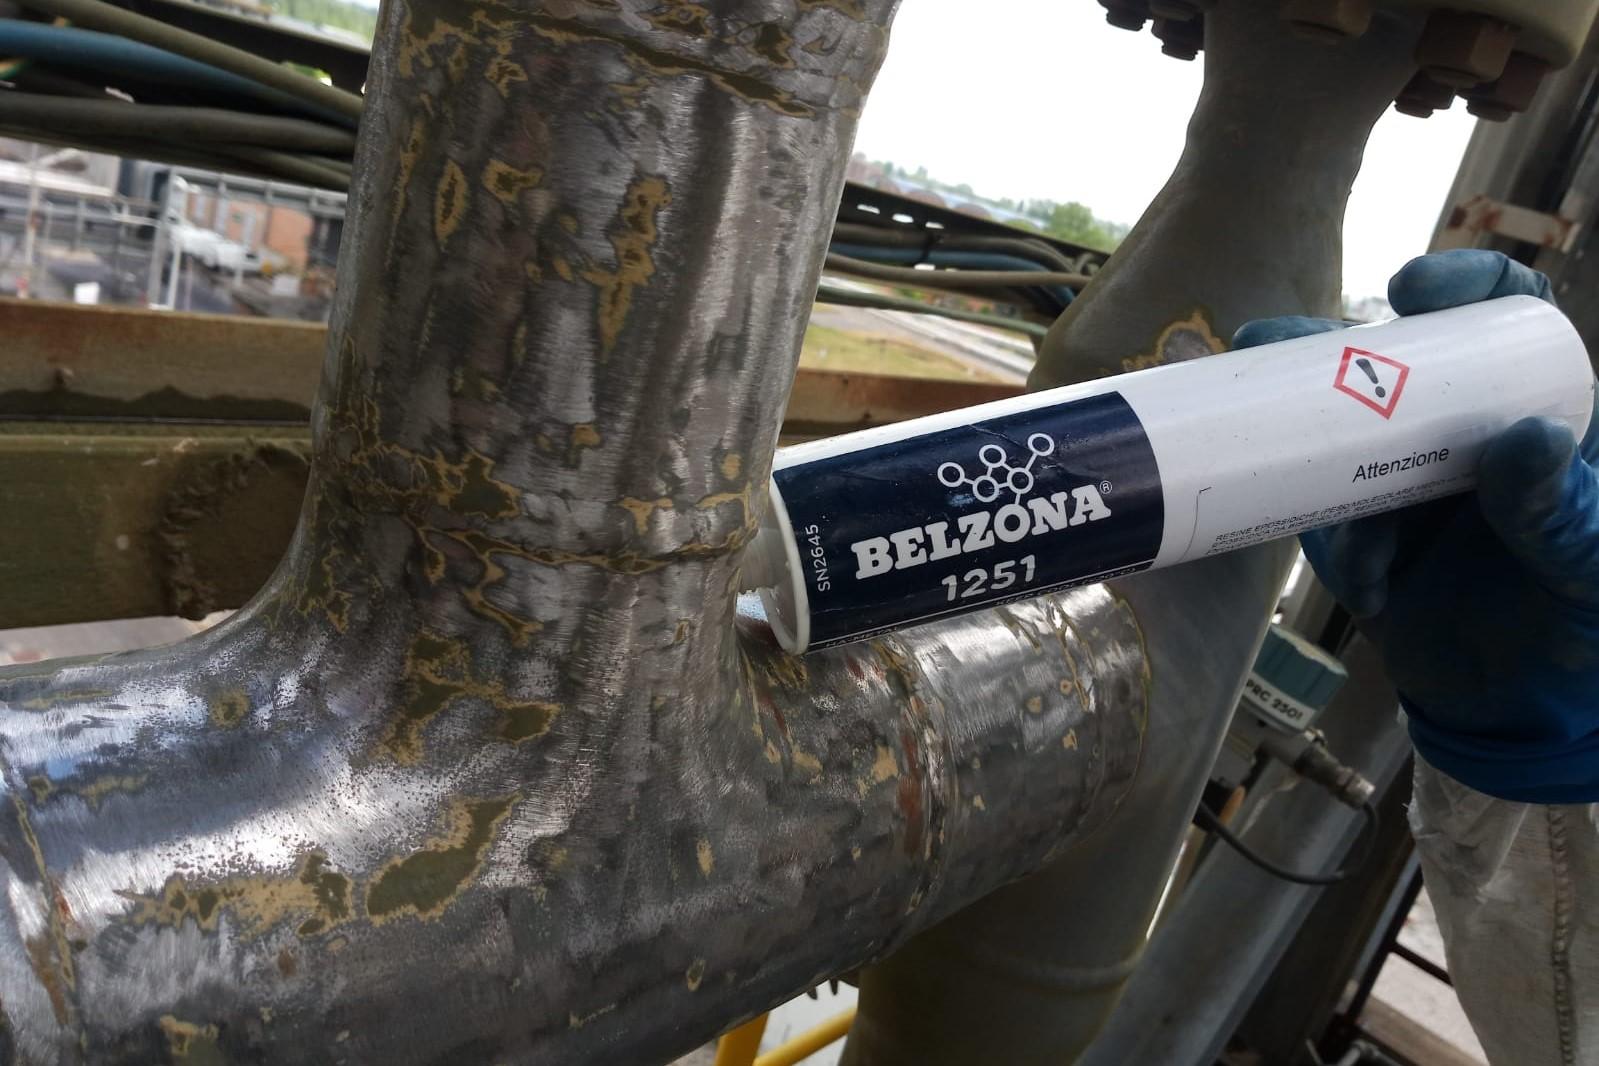 Belzona 1251 - Linea in esercizio e temperatura